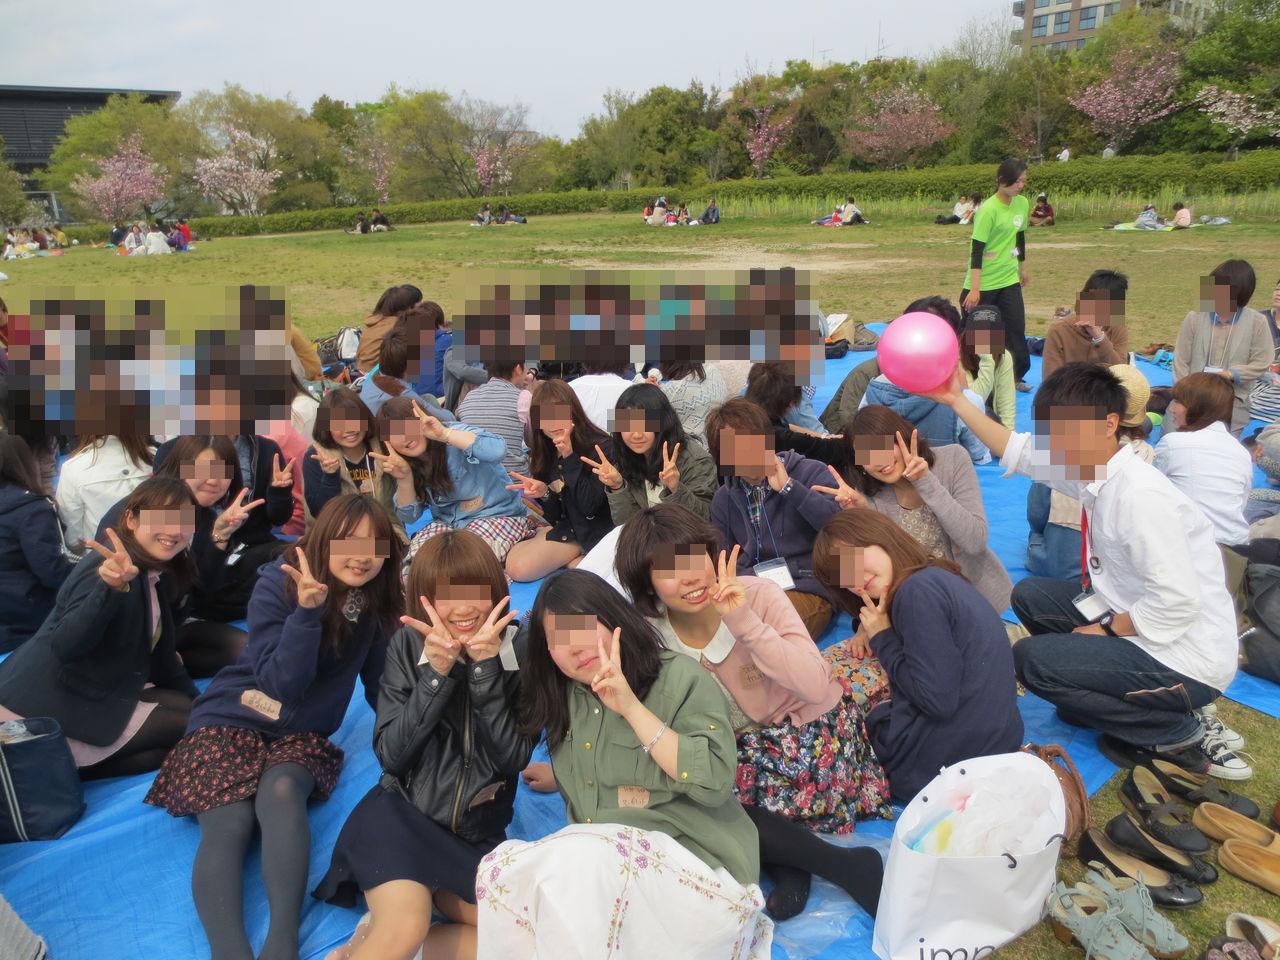 【パンチラエロ画像】ミニスカ女子が前列だから当然…半永久的に丸見えな記念写真パンチラwww 20